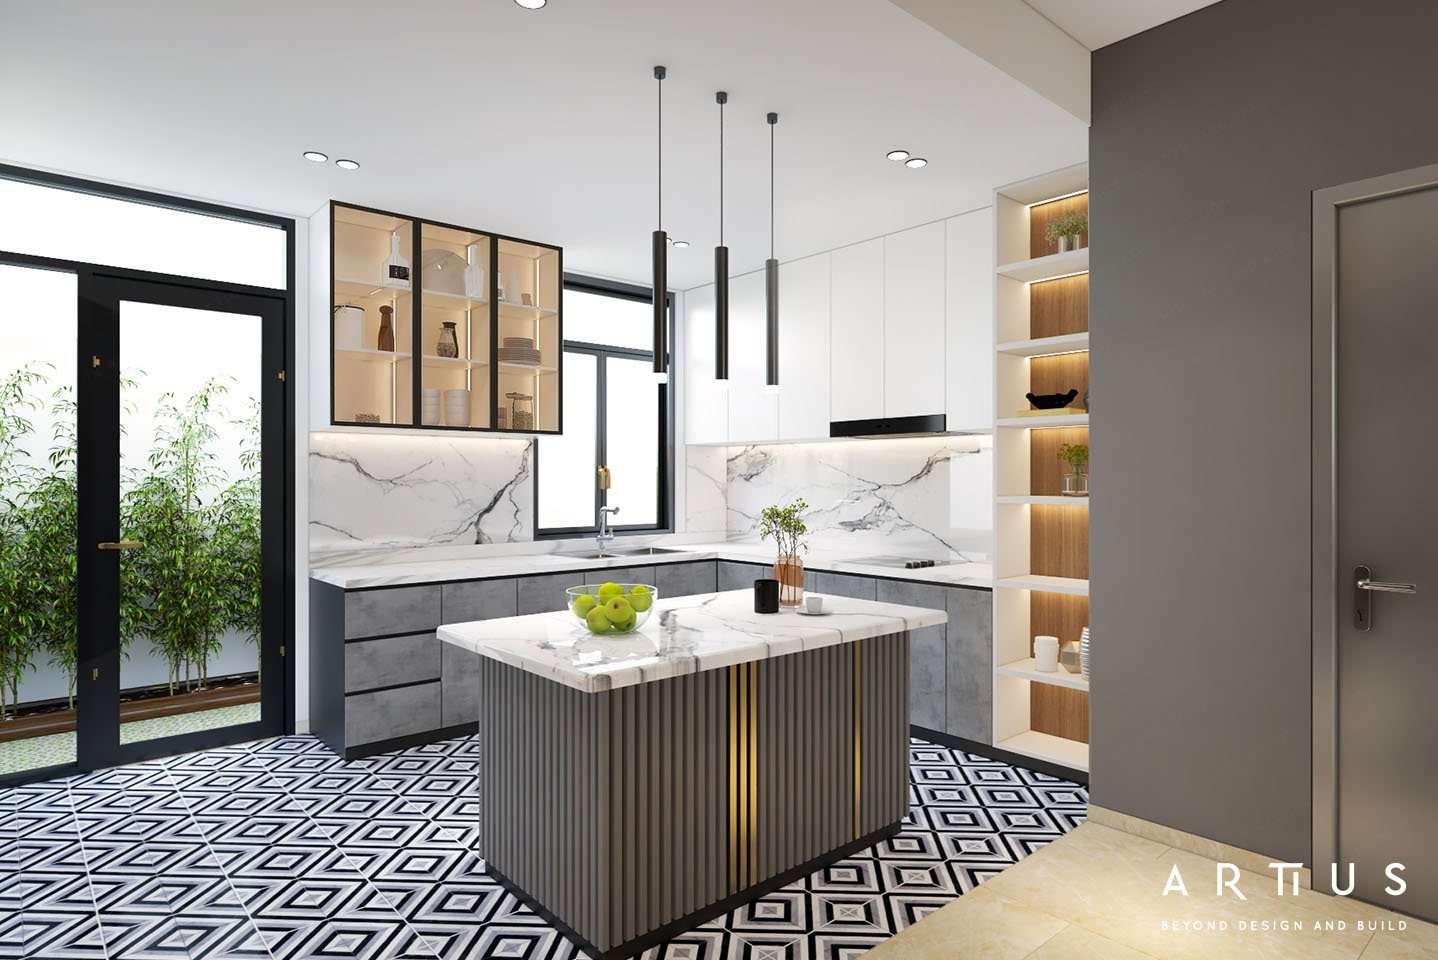 Thiết kế không gian bếp tối ưu lối lưu thông